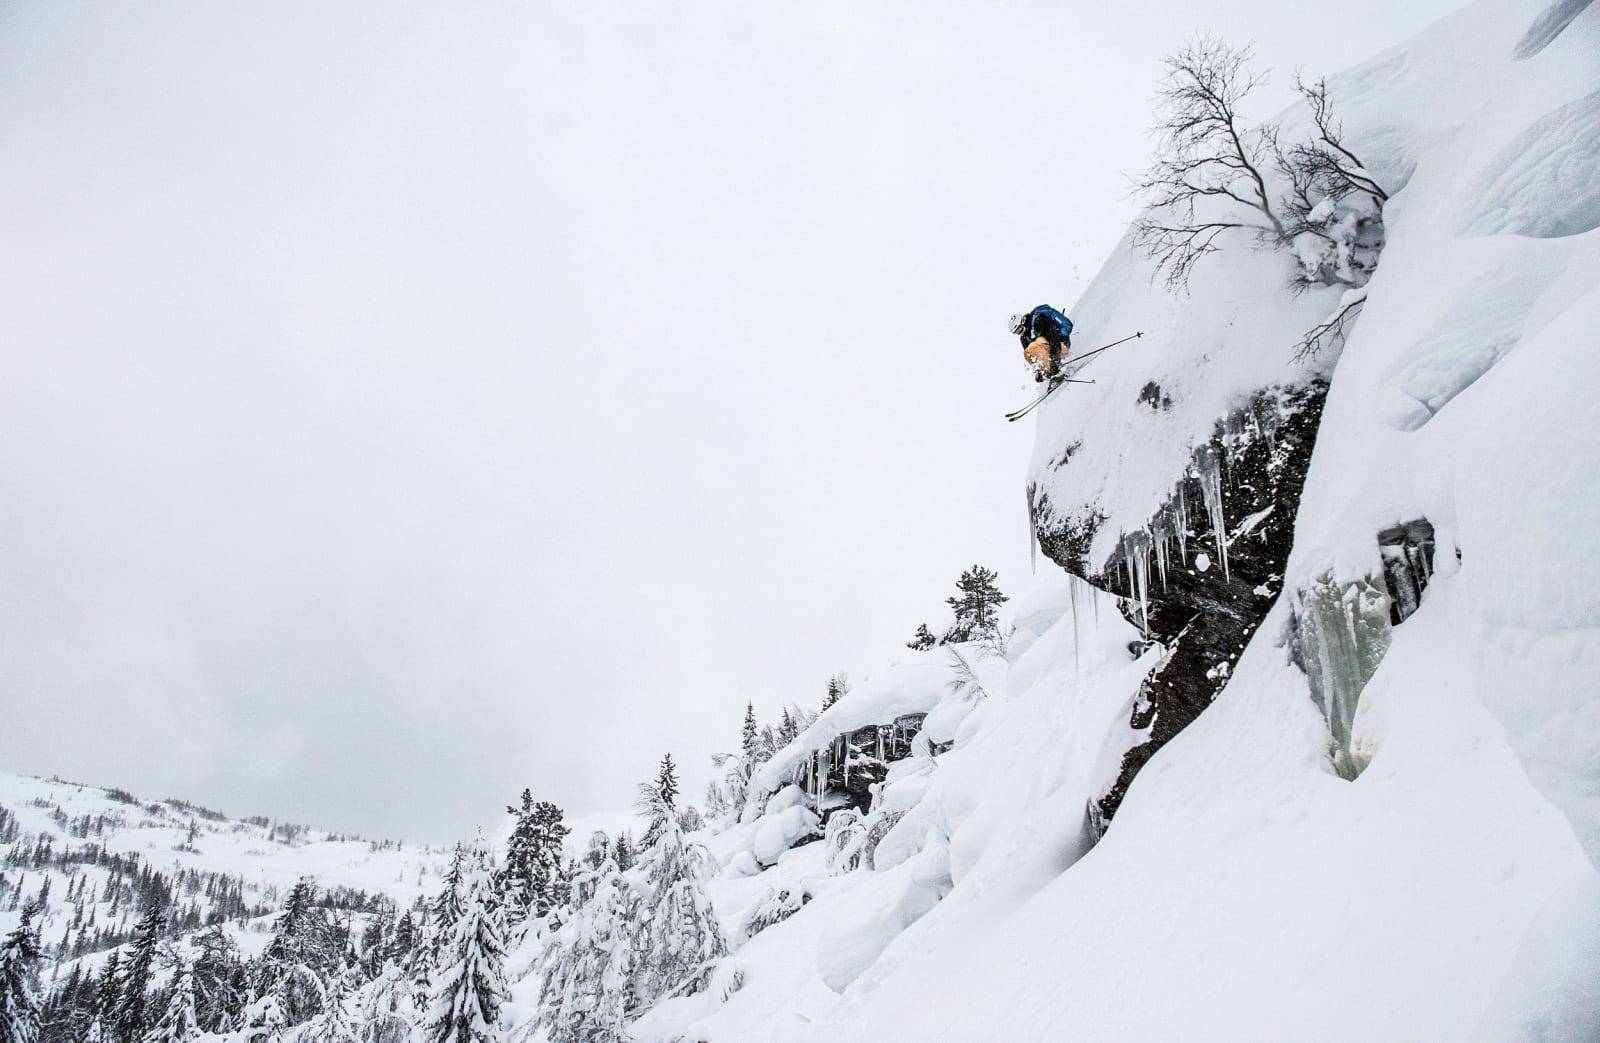 HENNING HØKKER: Henning Skjetne nyter det artige terrenget i Bavallen. Foto: Sverre Hjørnevik